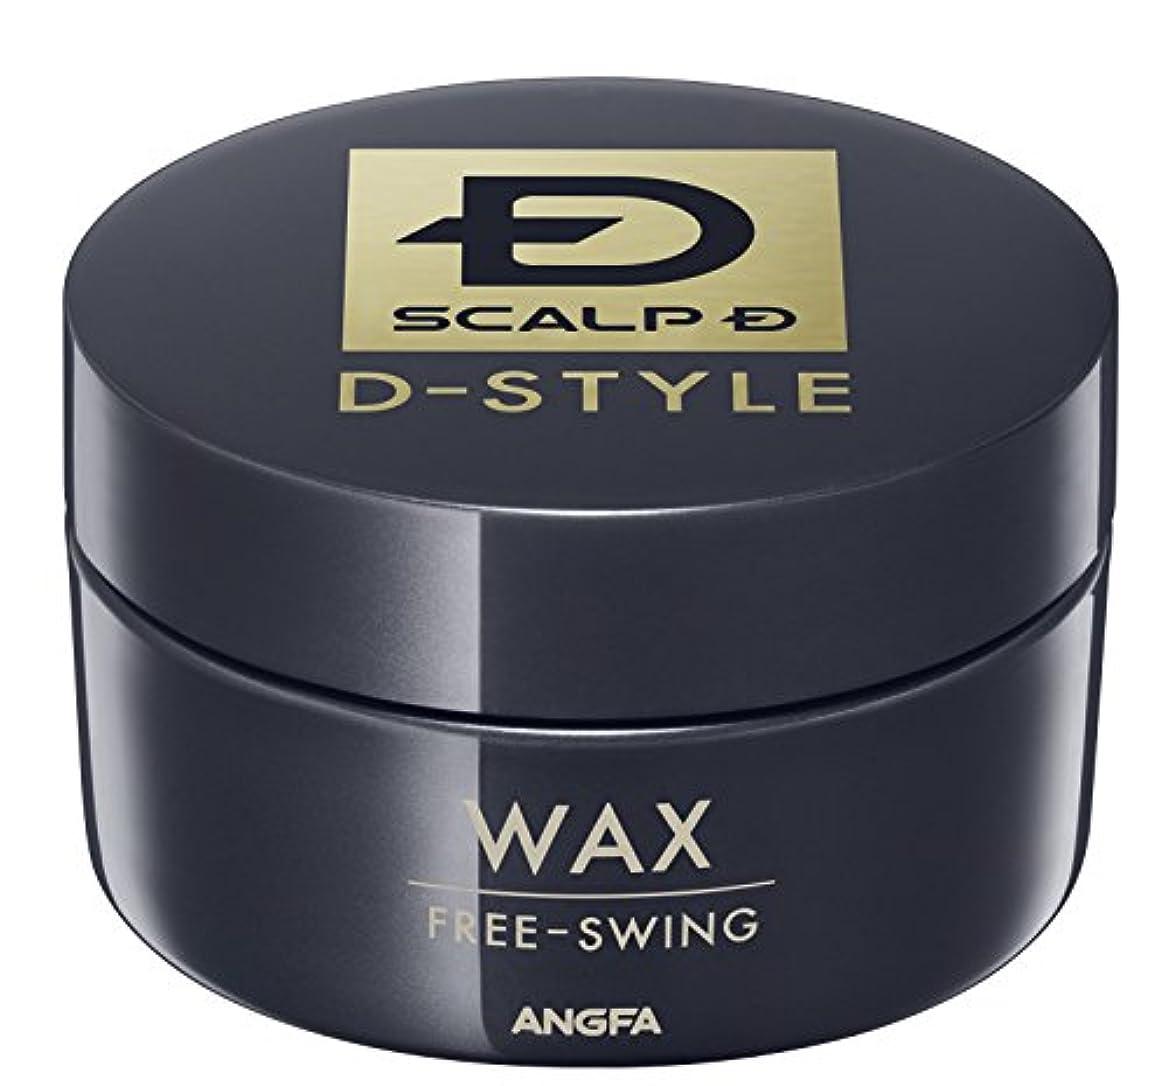 きょうだい家庭不機嫌そうなアンファー (ANGFA) スカルプD フリースウィング ソフトタイプ 60g ヘアワックス スタイリング剤 シトラスグリーンの香り